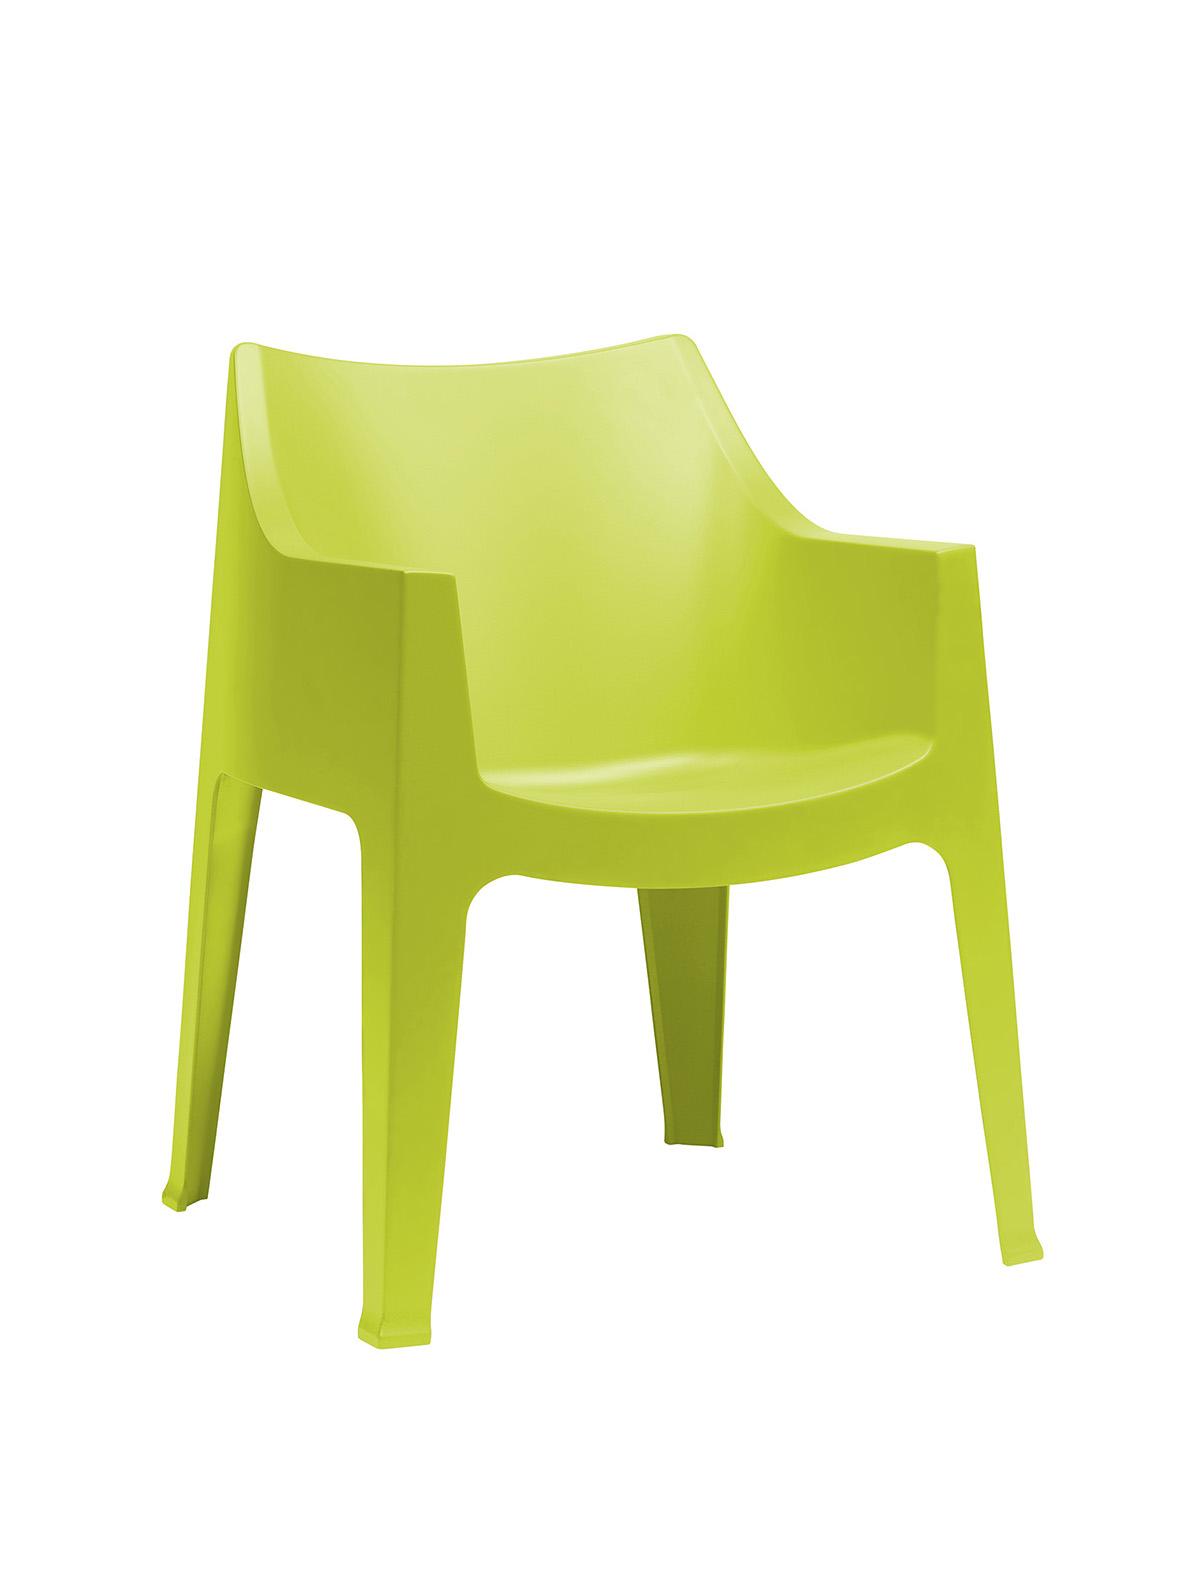 COCCOLONA Műanyag szék